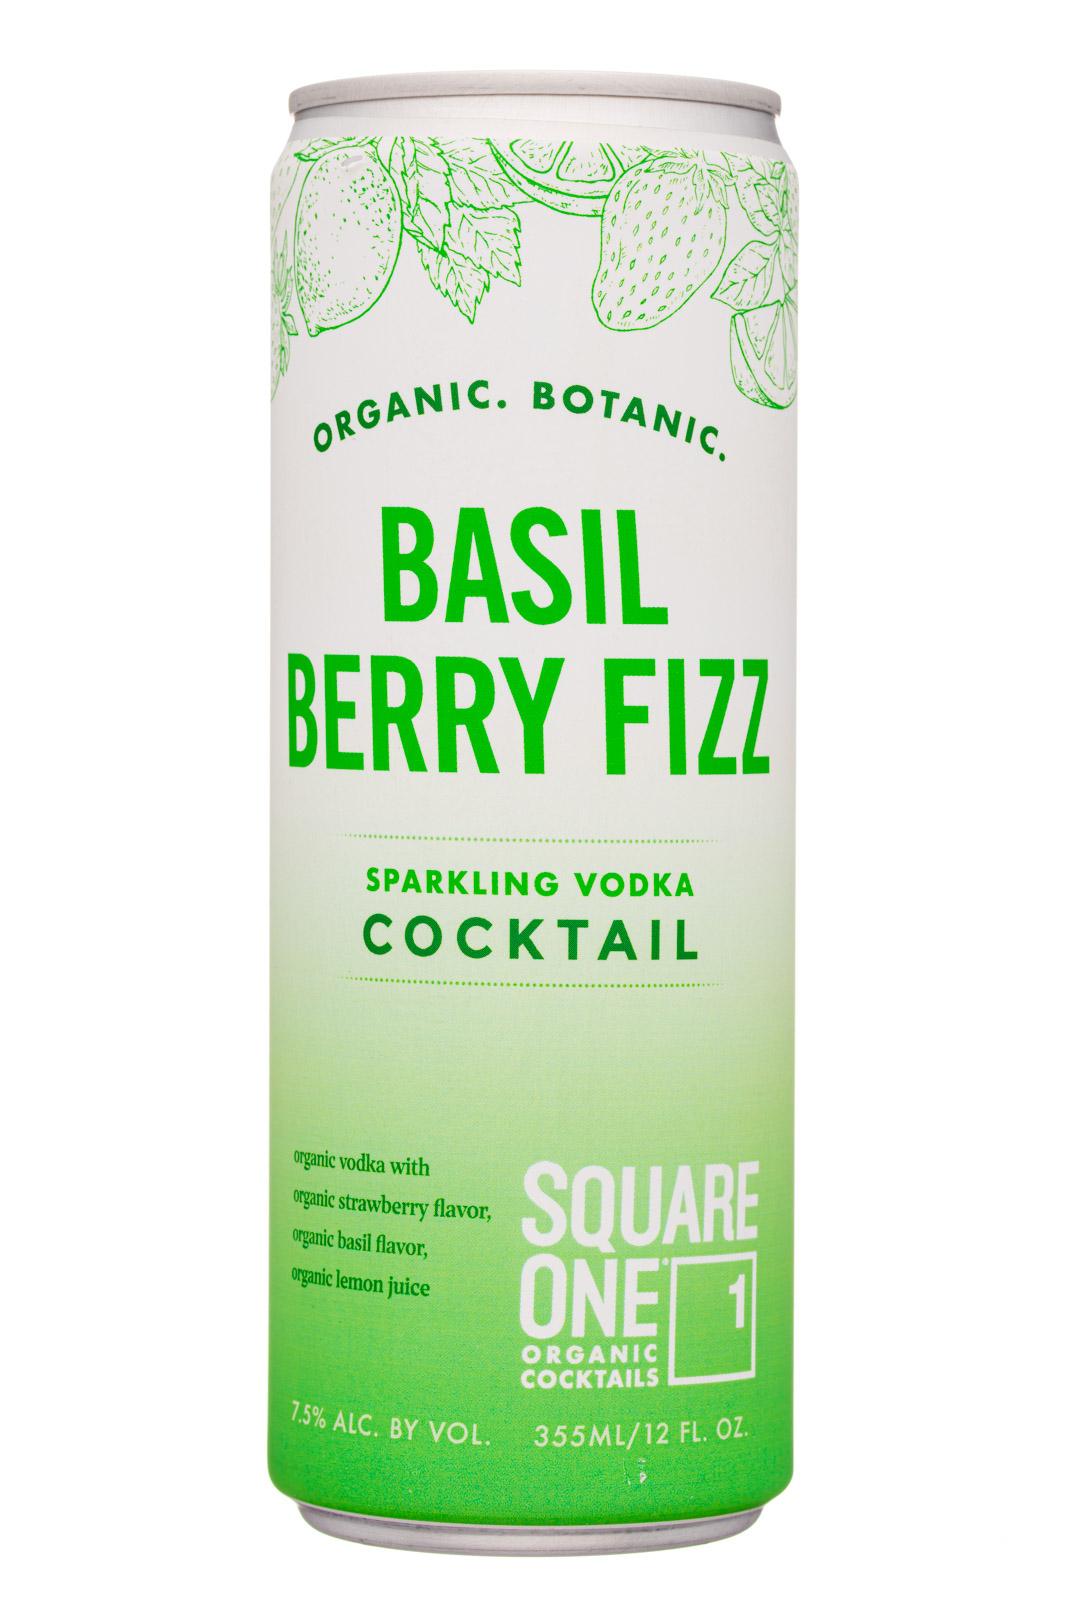 Basil Berry Fizz